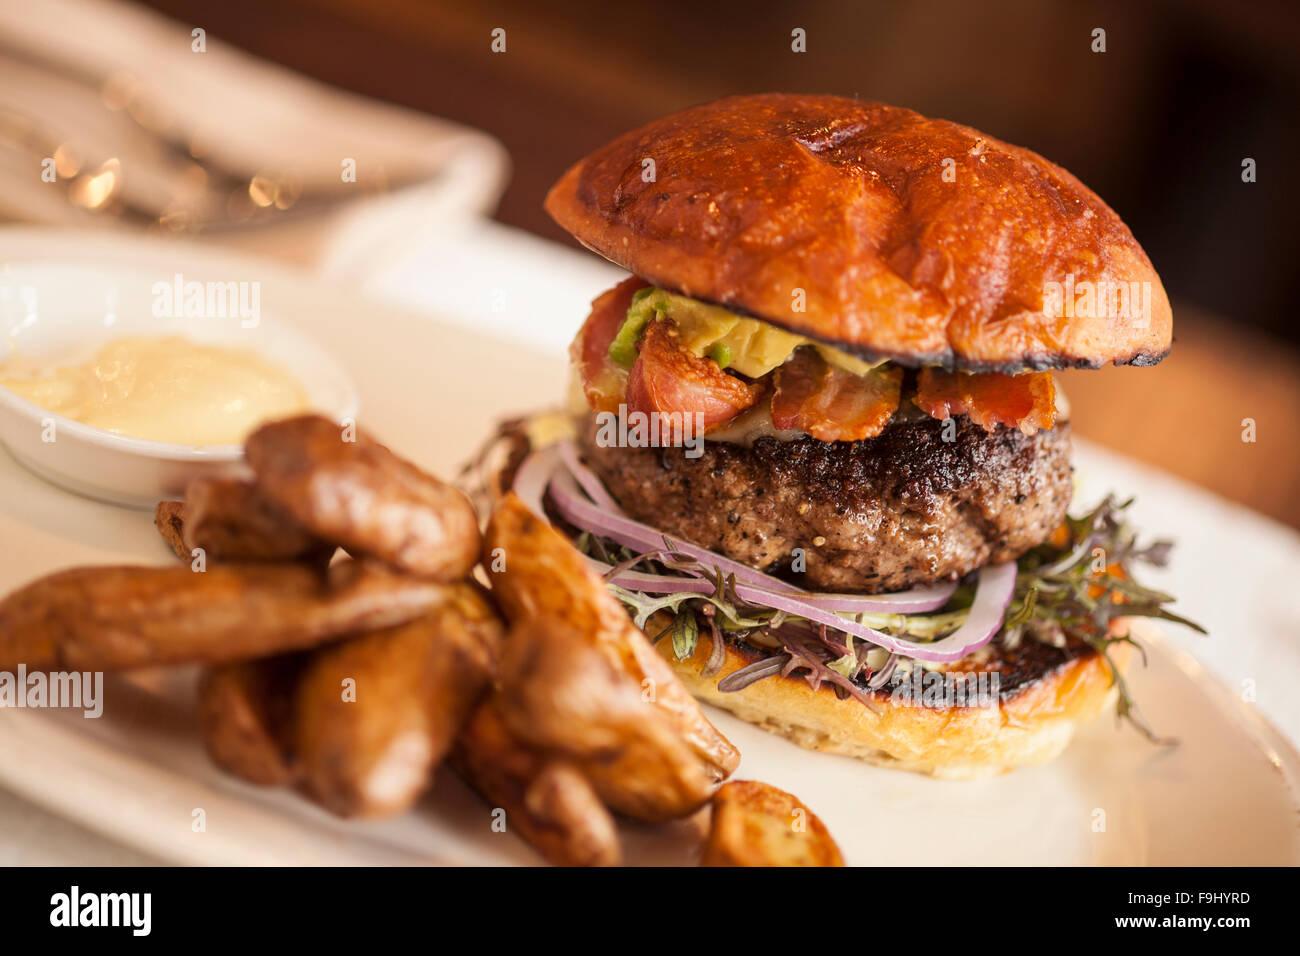 Hamburguesa con aguacate, tocino, queso y cebolla, Restaurante Barbareno, Santa Bárbara, California Imagen De Stock